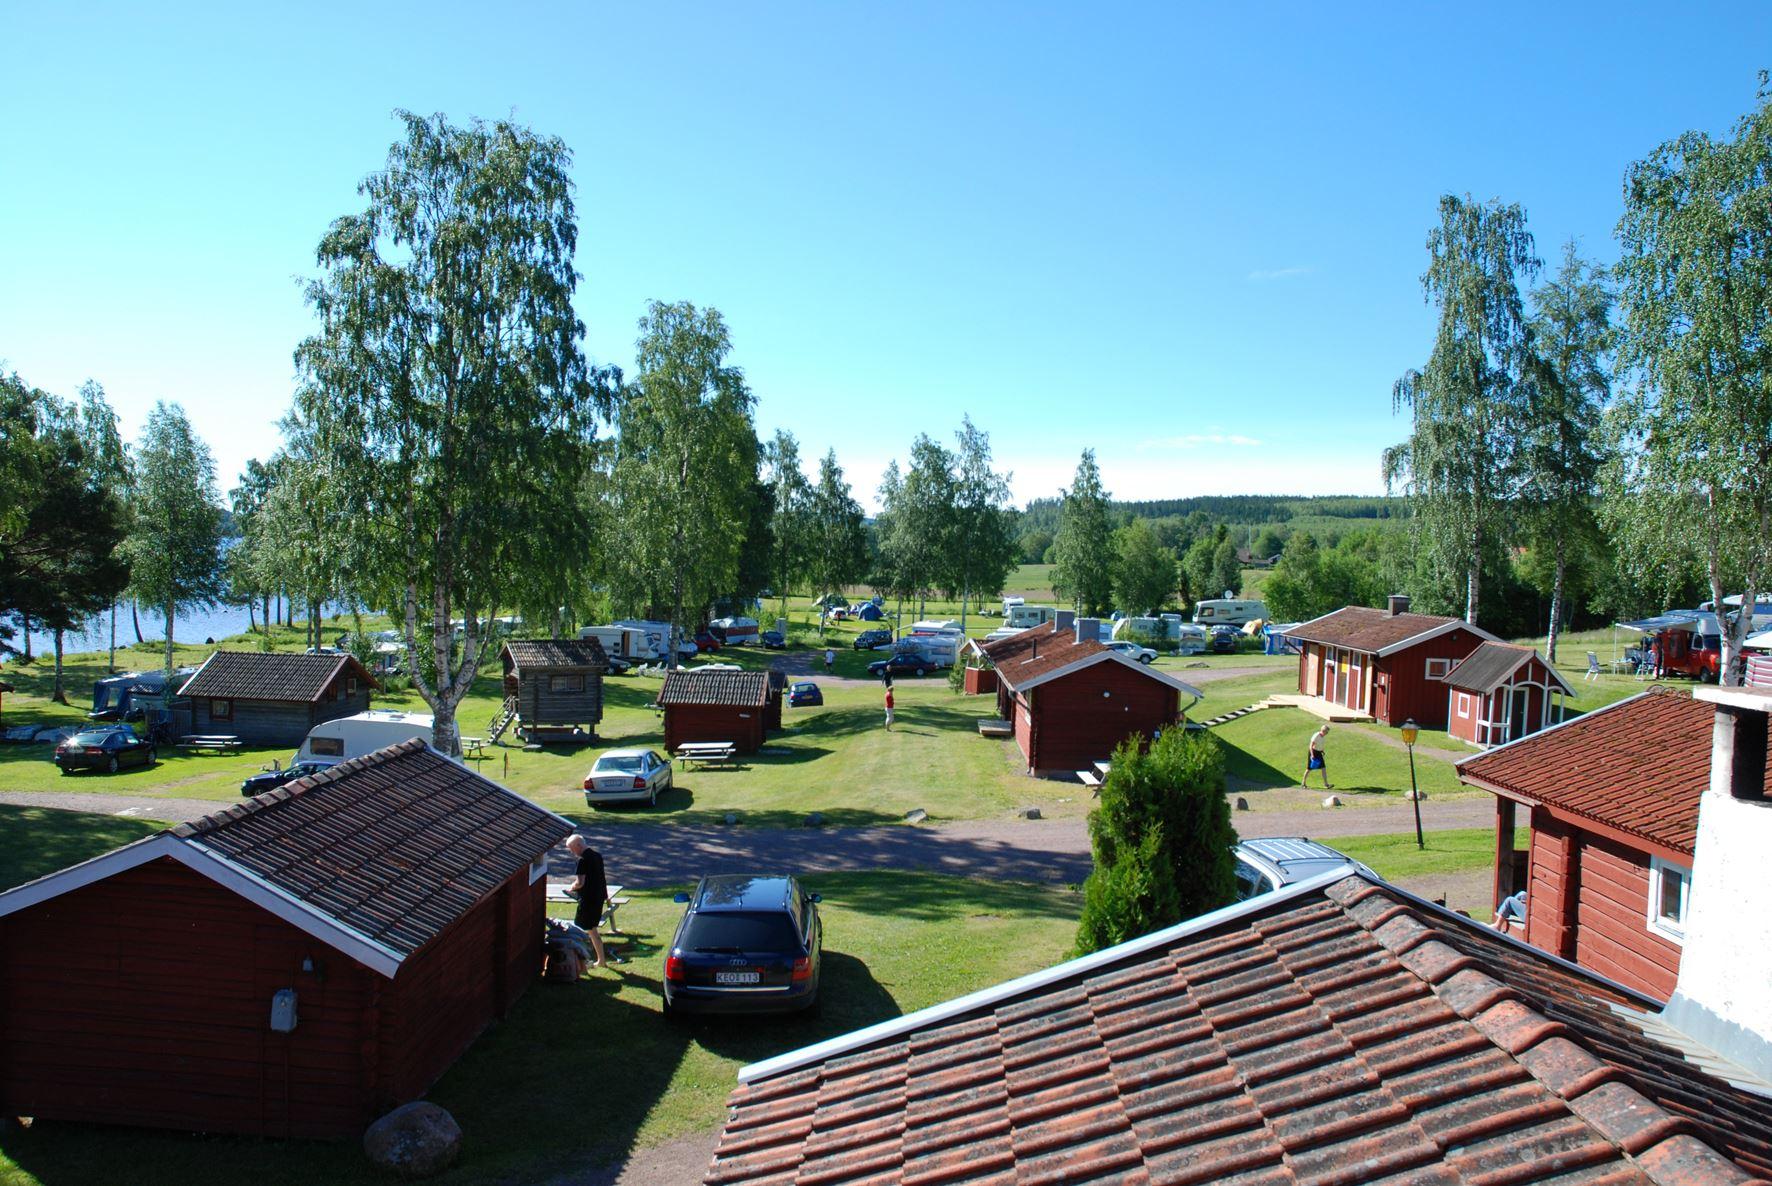 Västanviksbadets Camping Leksand